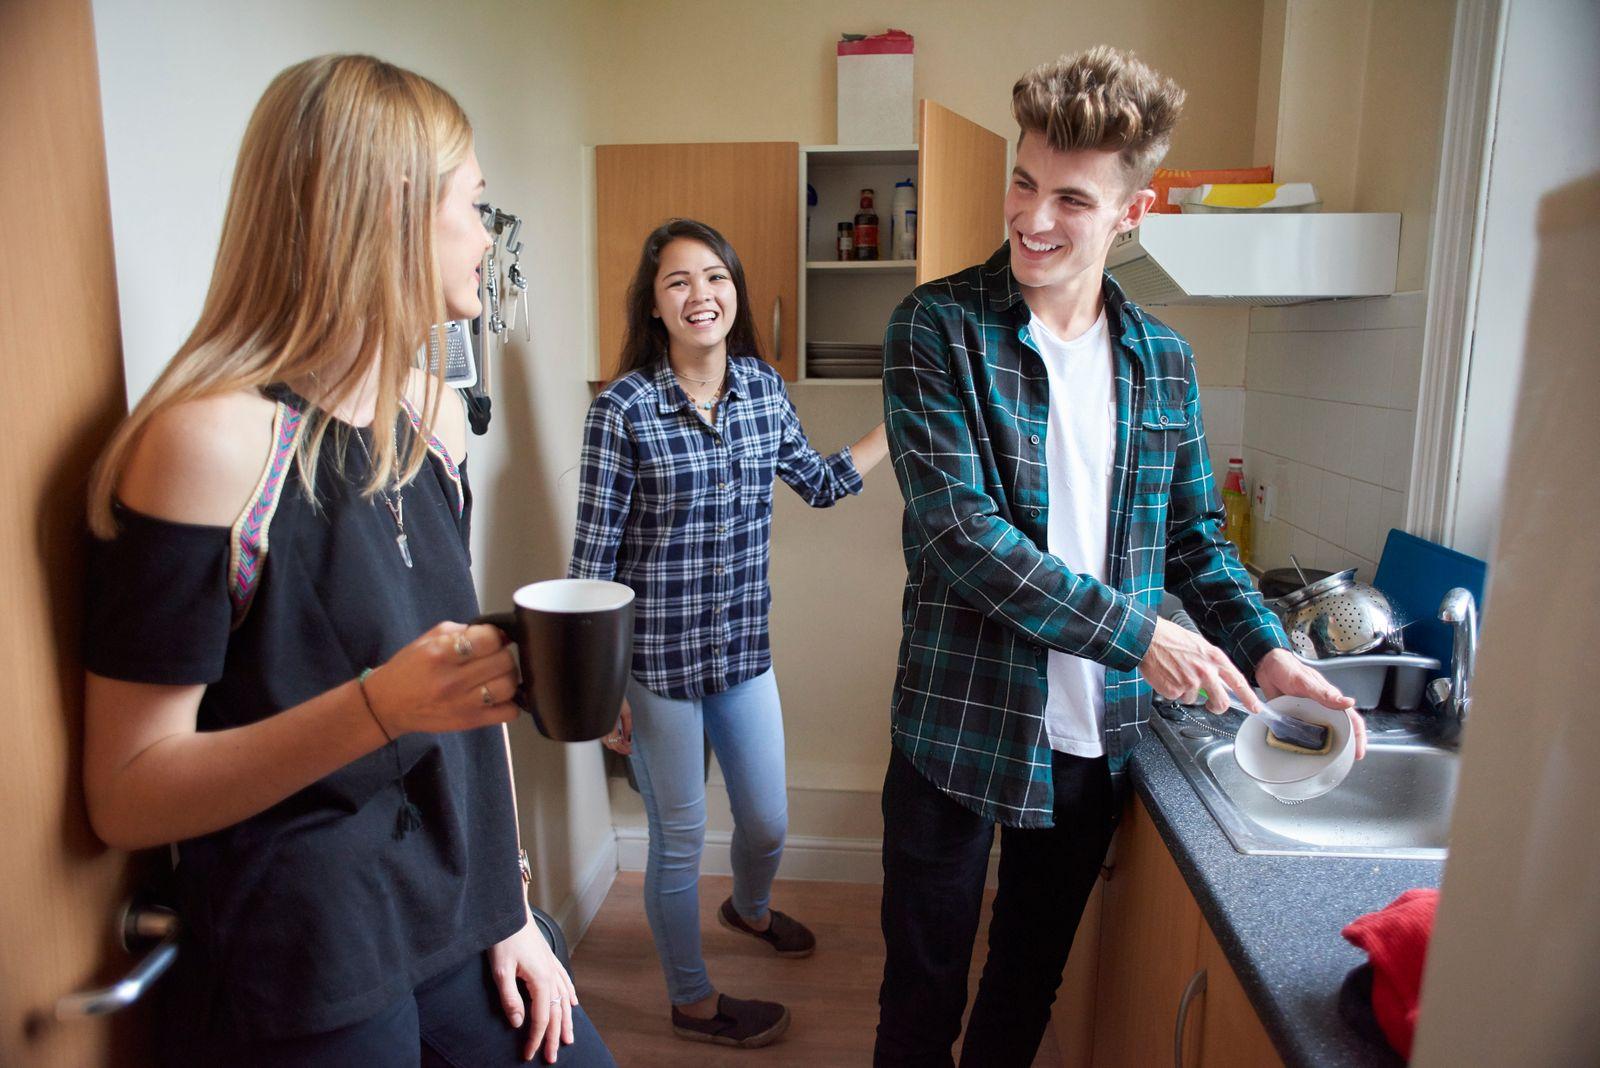 faire la vaisselle dans la cuisine avec colocataires